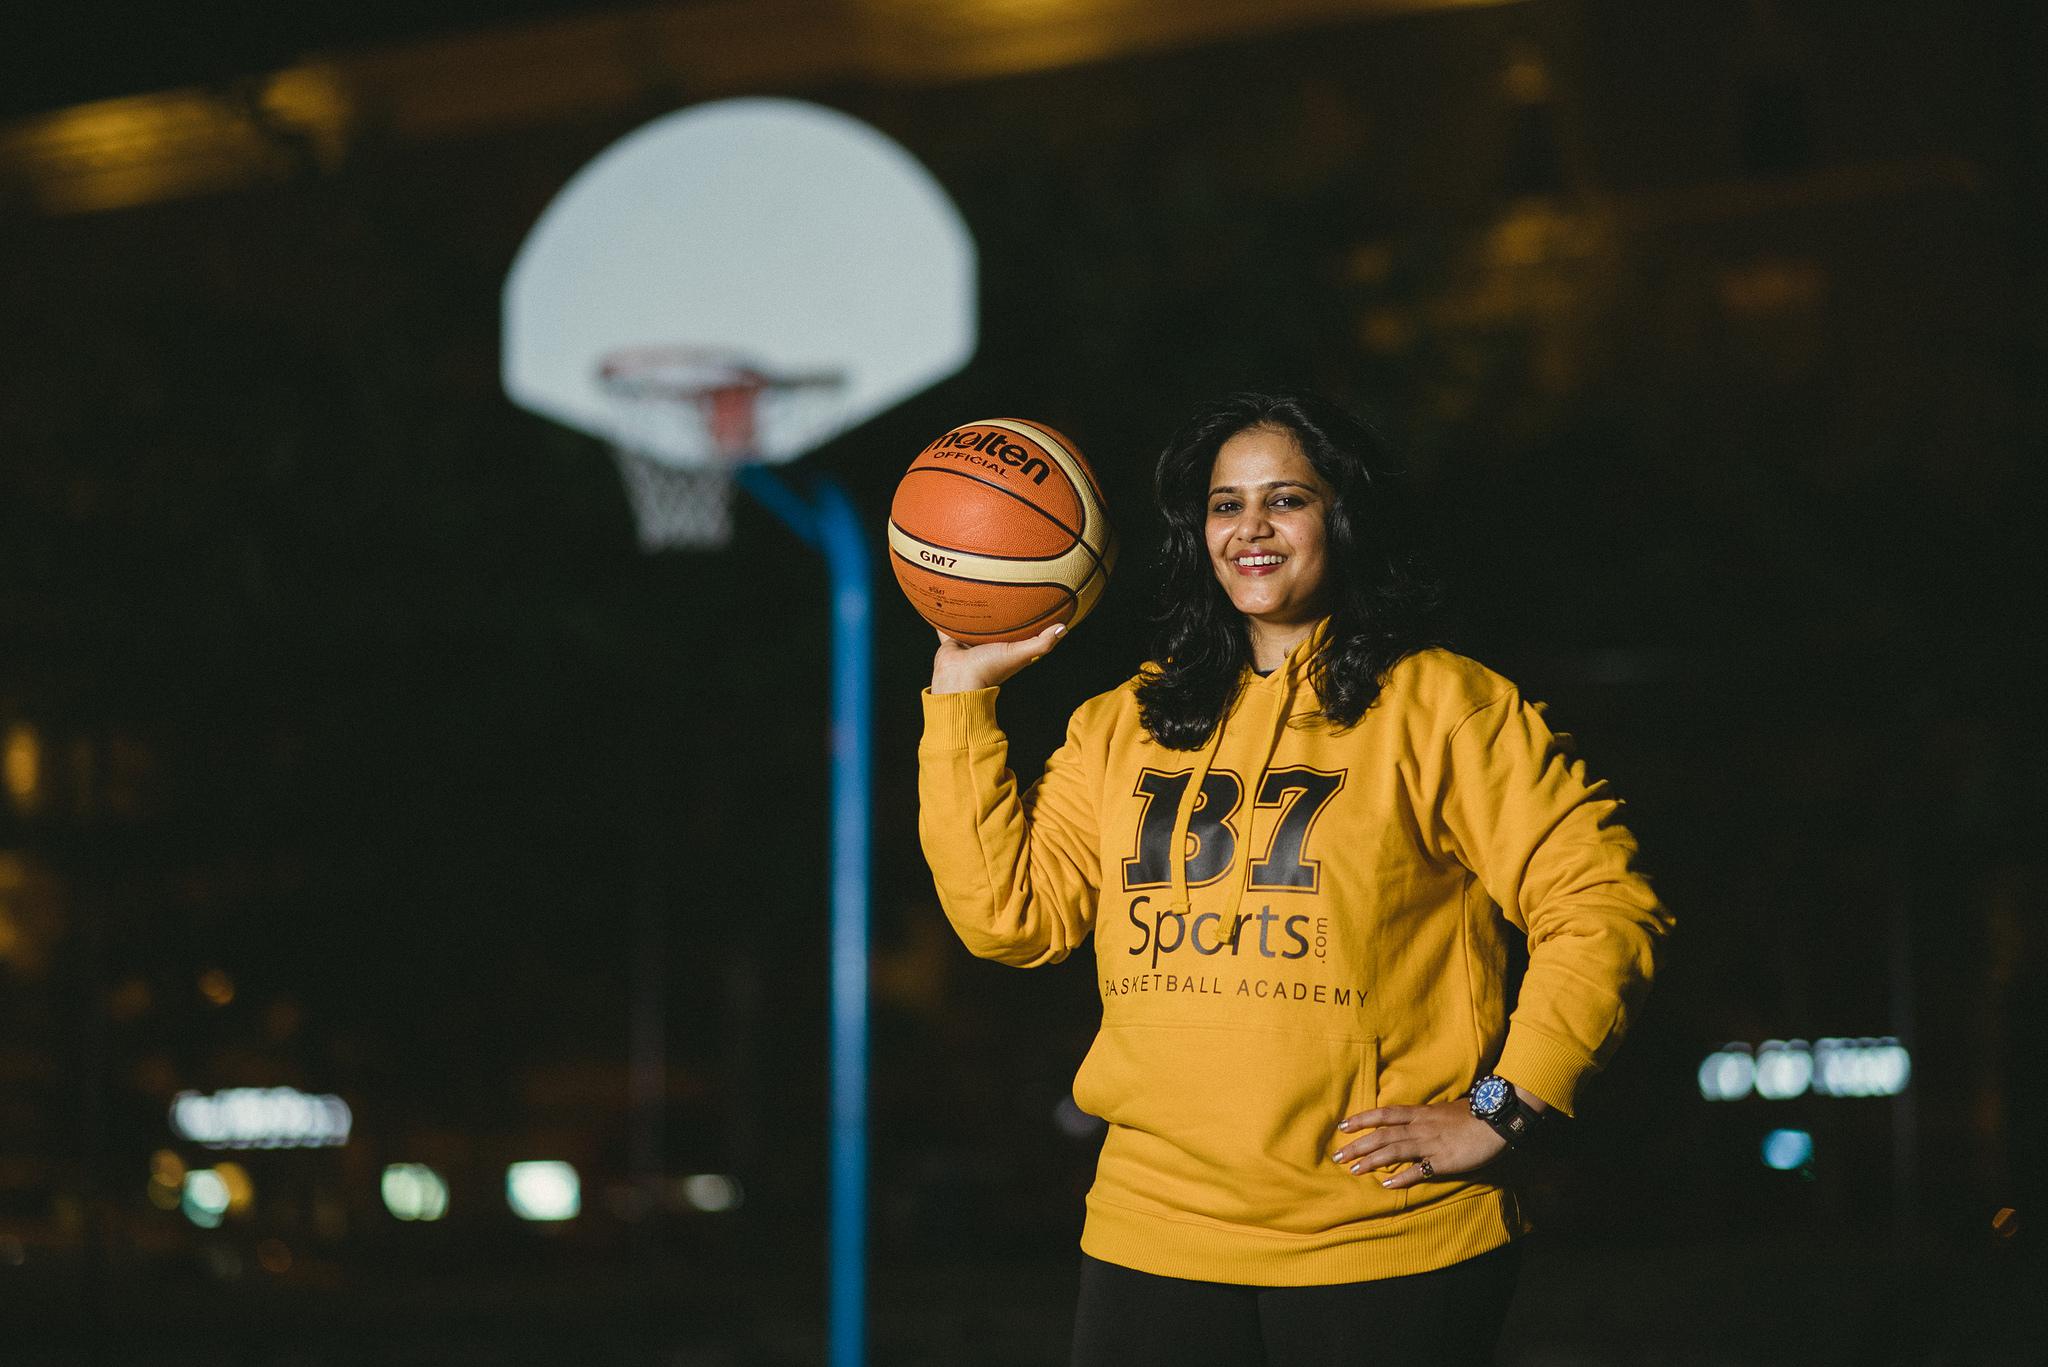 Une femme tenant un ballon de basket (Département d'État et Université du Tennessee)